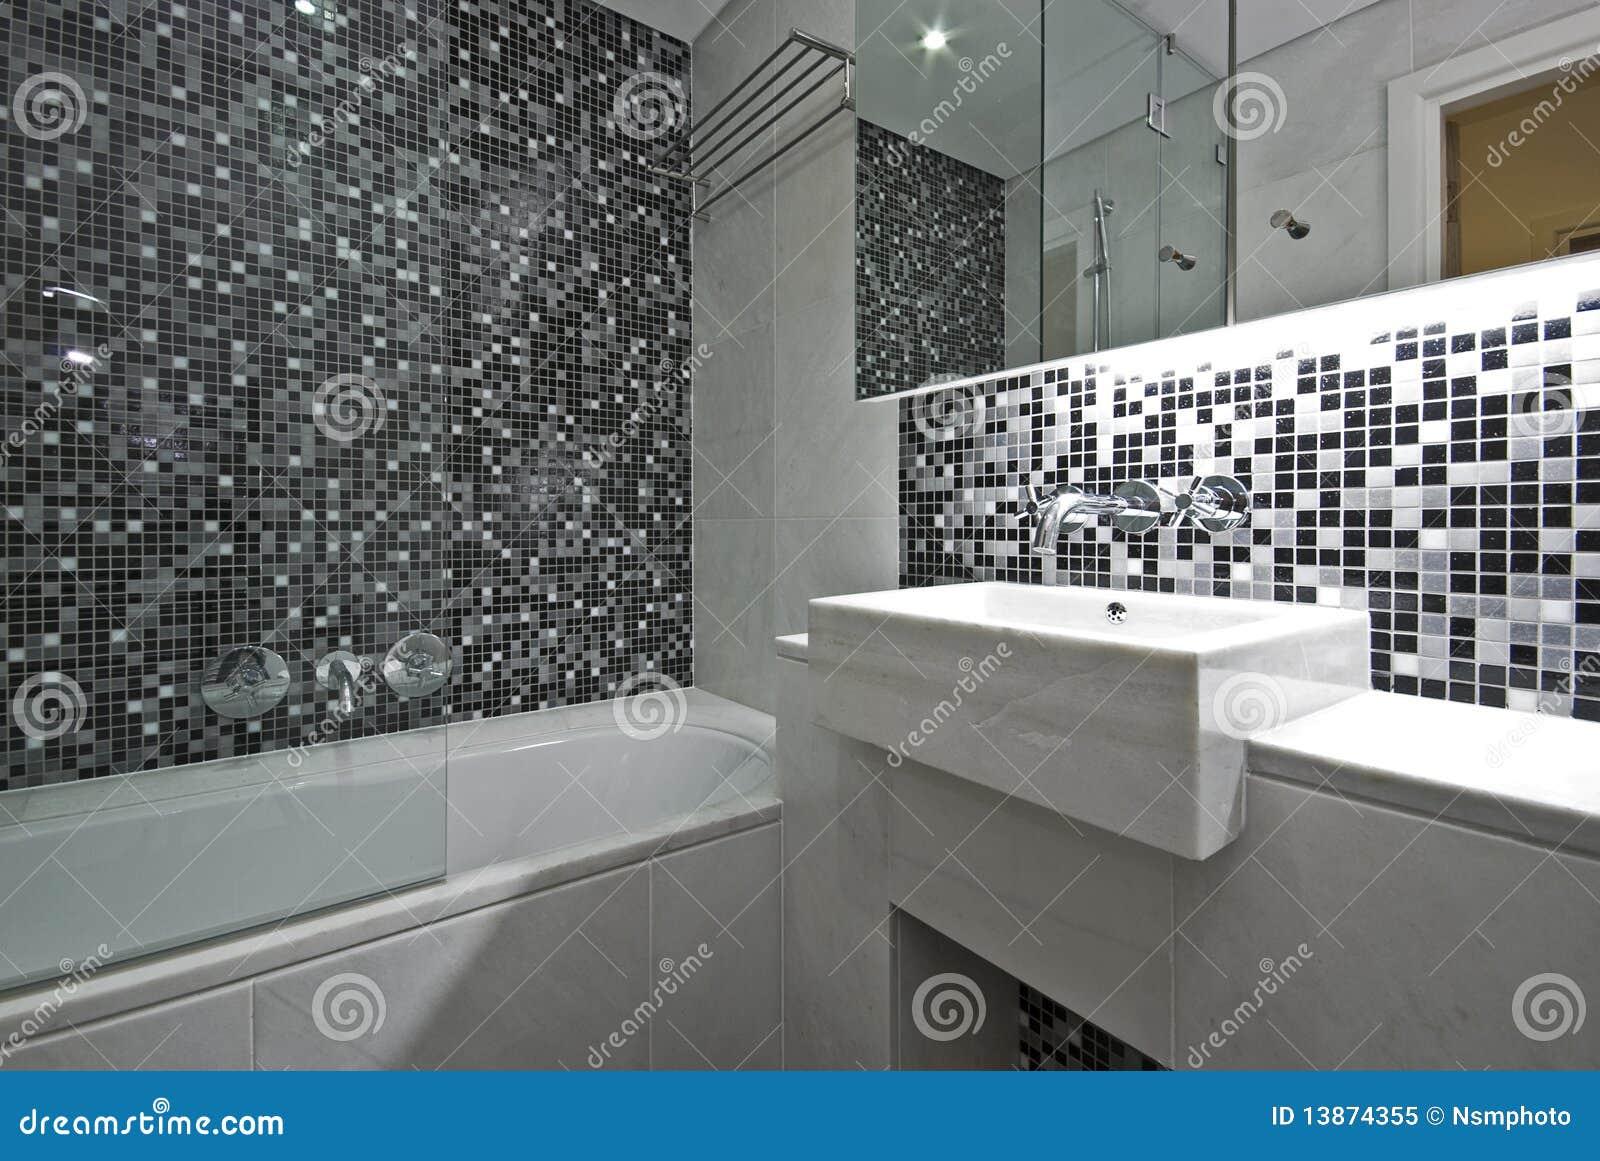 Stanza da bagno contemporanea della en serie in in bianco e nero immagine stock immagine di - Stanza da pranzo contemporanea ...